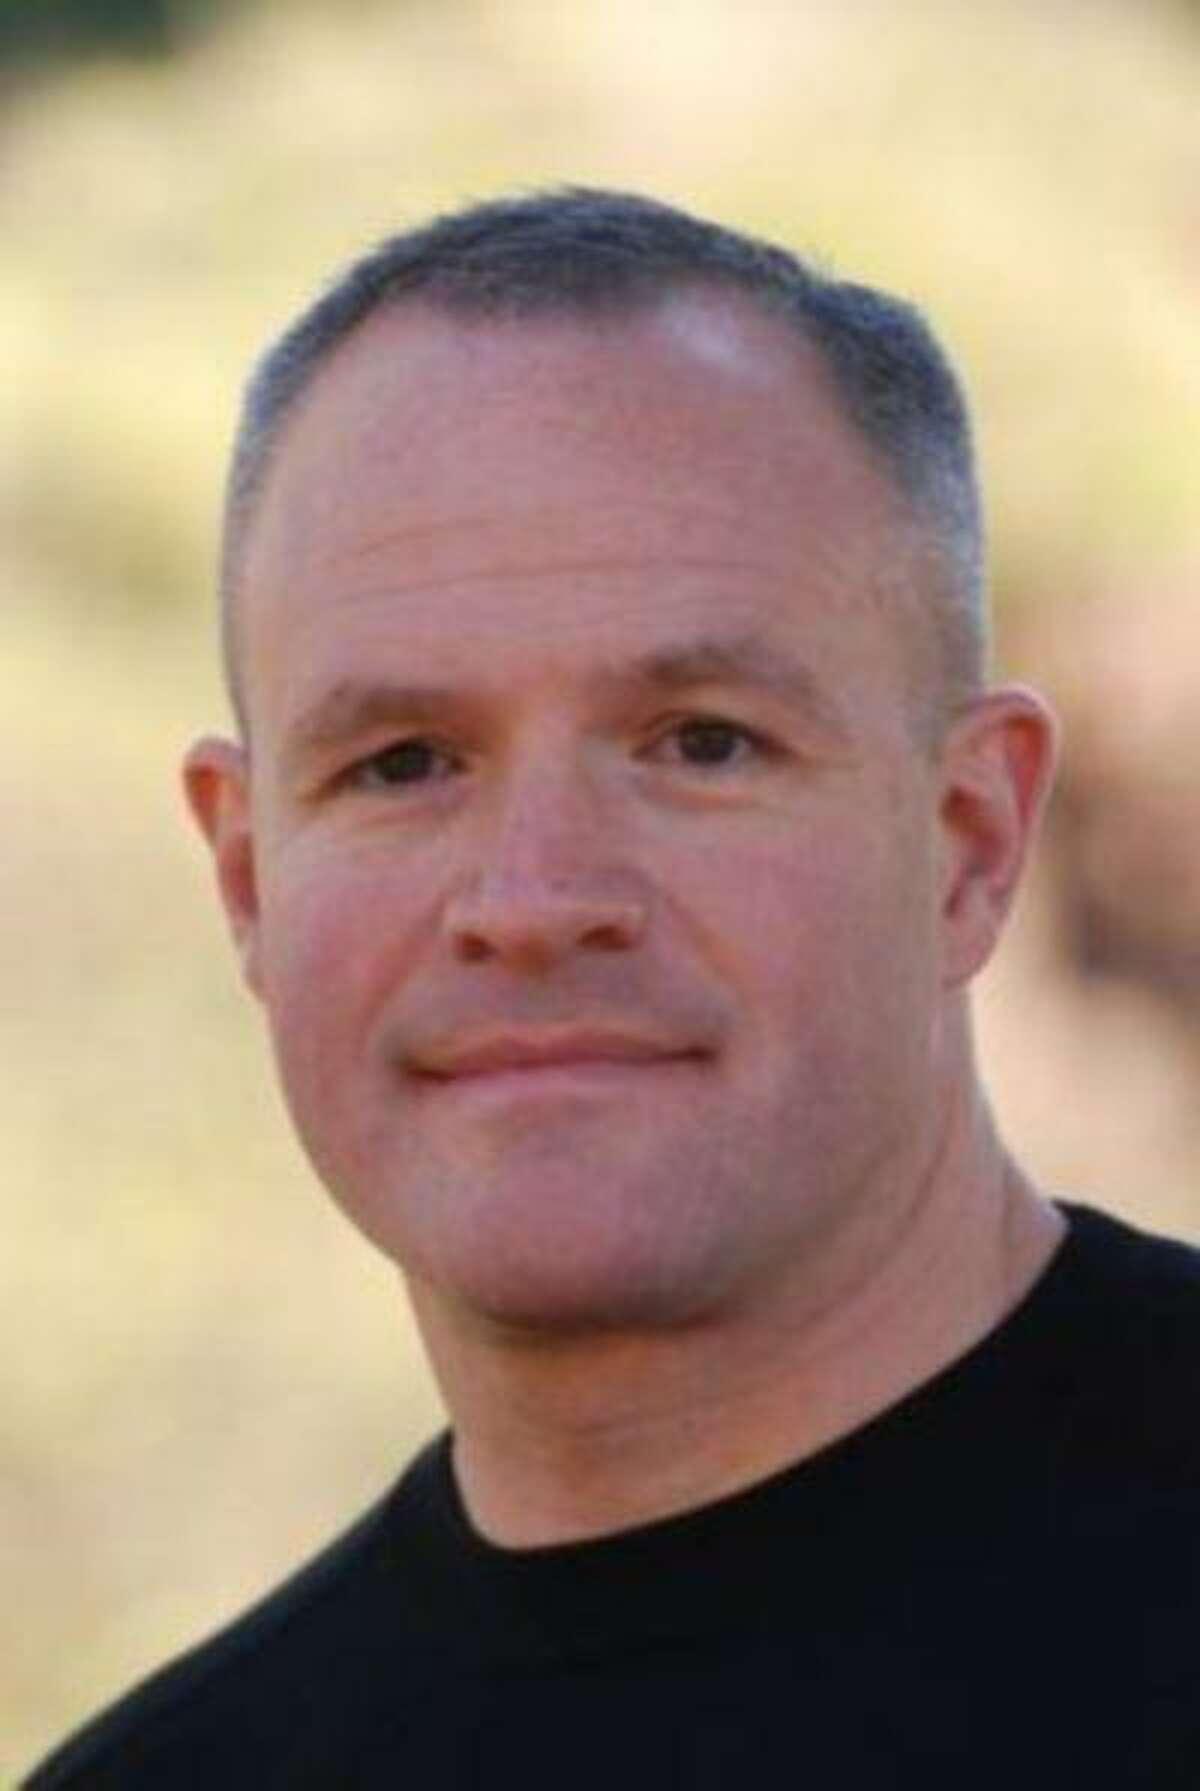 Jay Keasling, of U.C. Berkeley